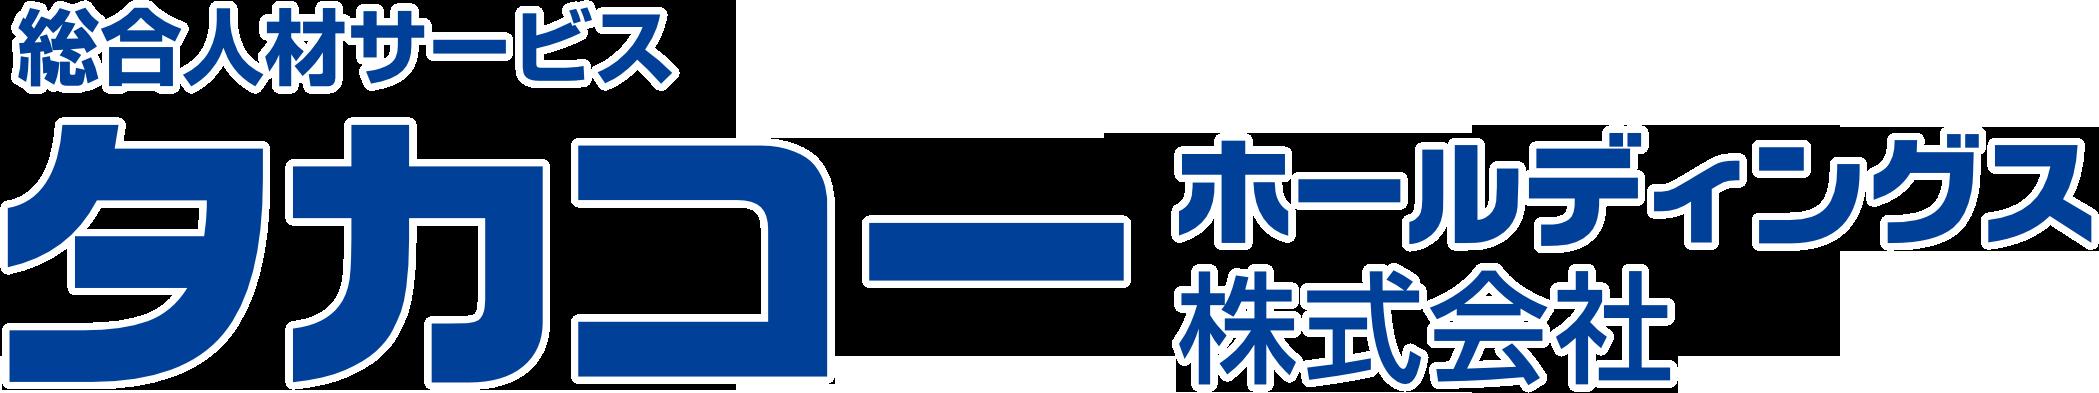 タカコーホールディングス株式会社